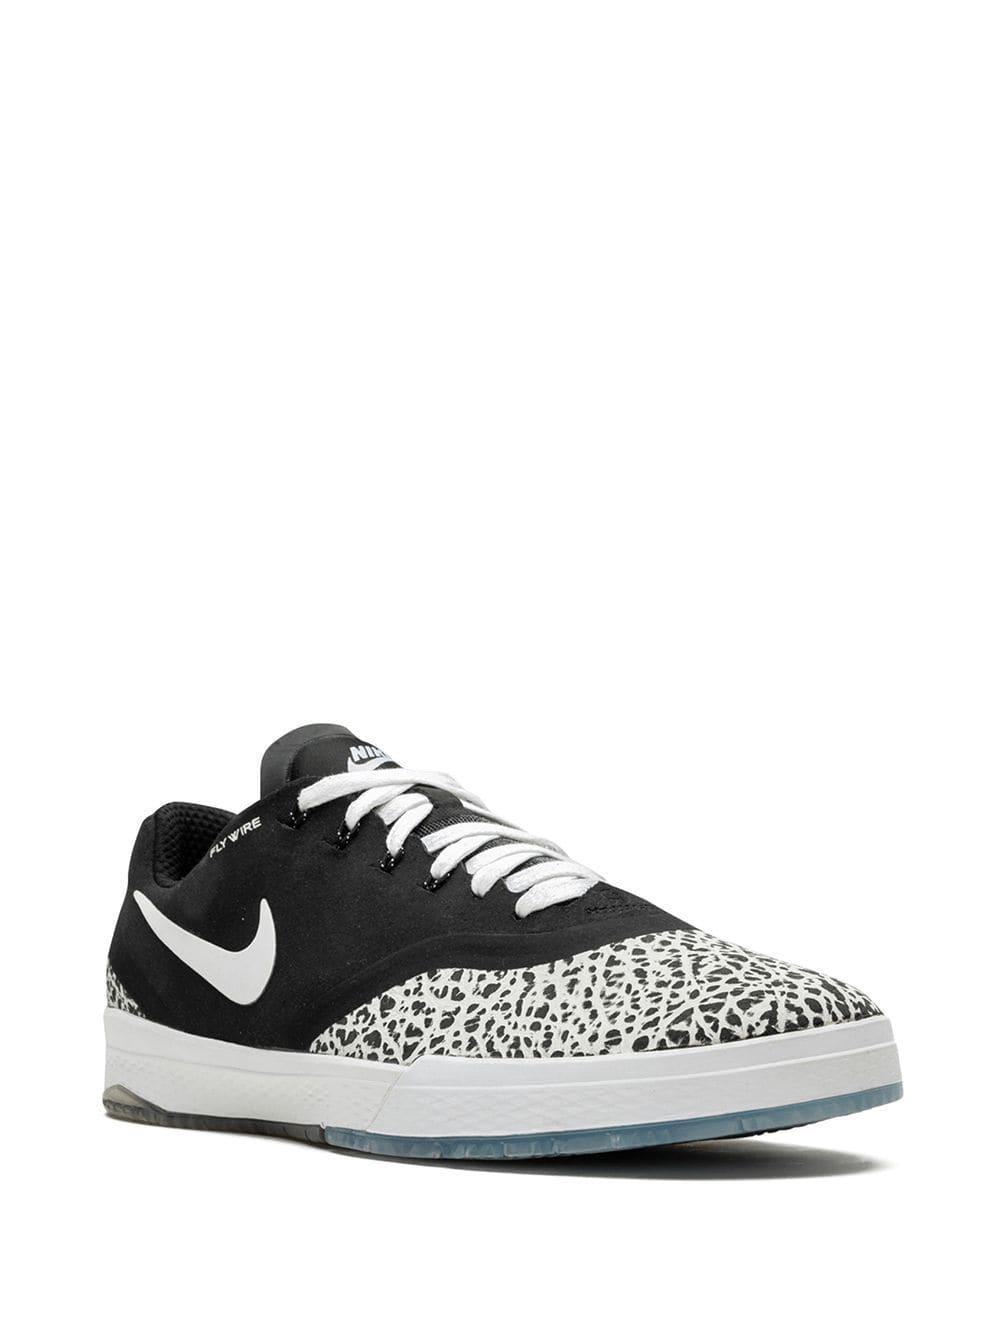 Nike Kant Paul Rodriguez 9 Elite Sneakers in het Zwart voor heren